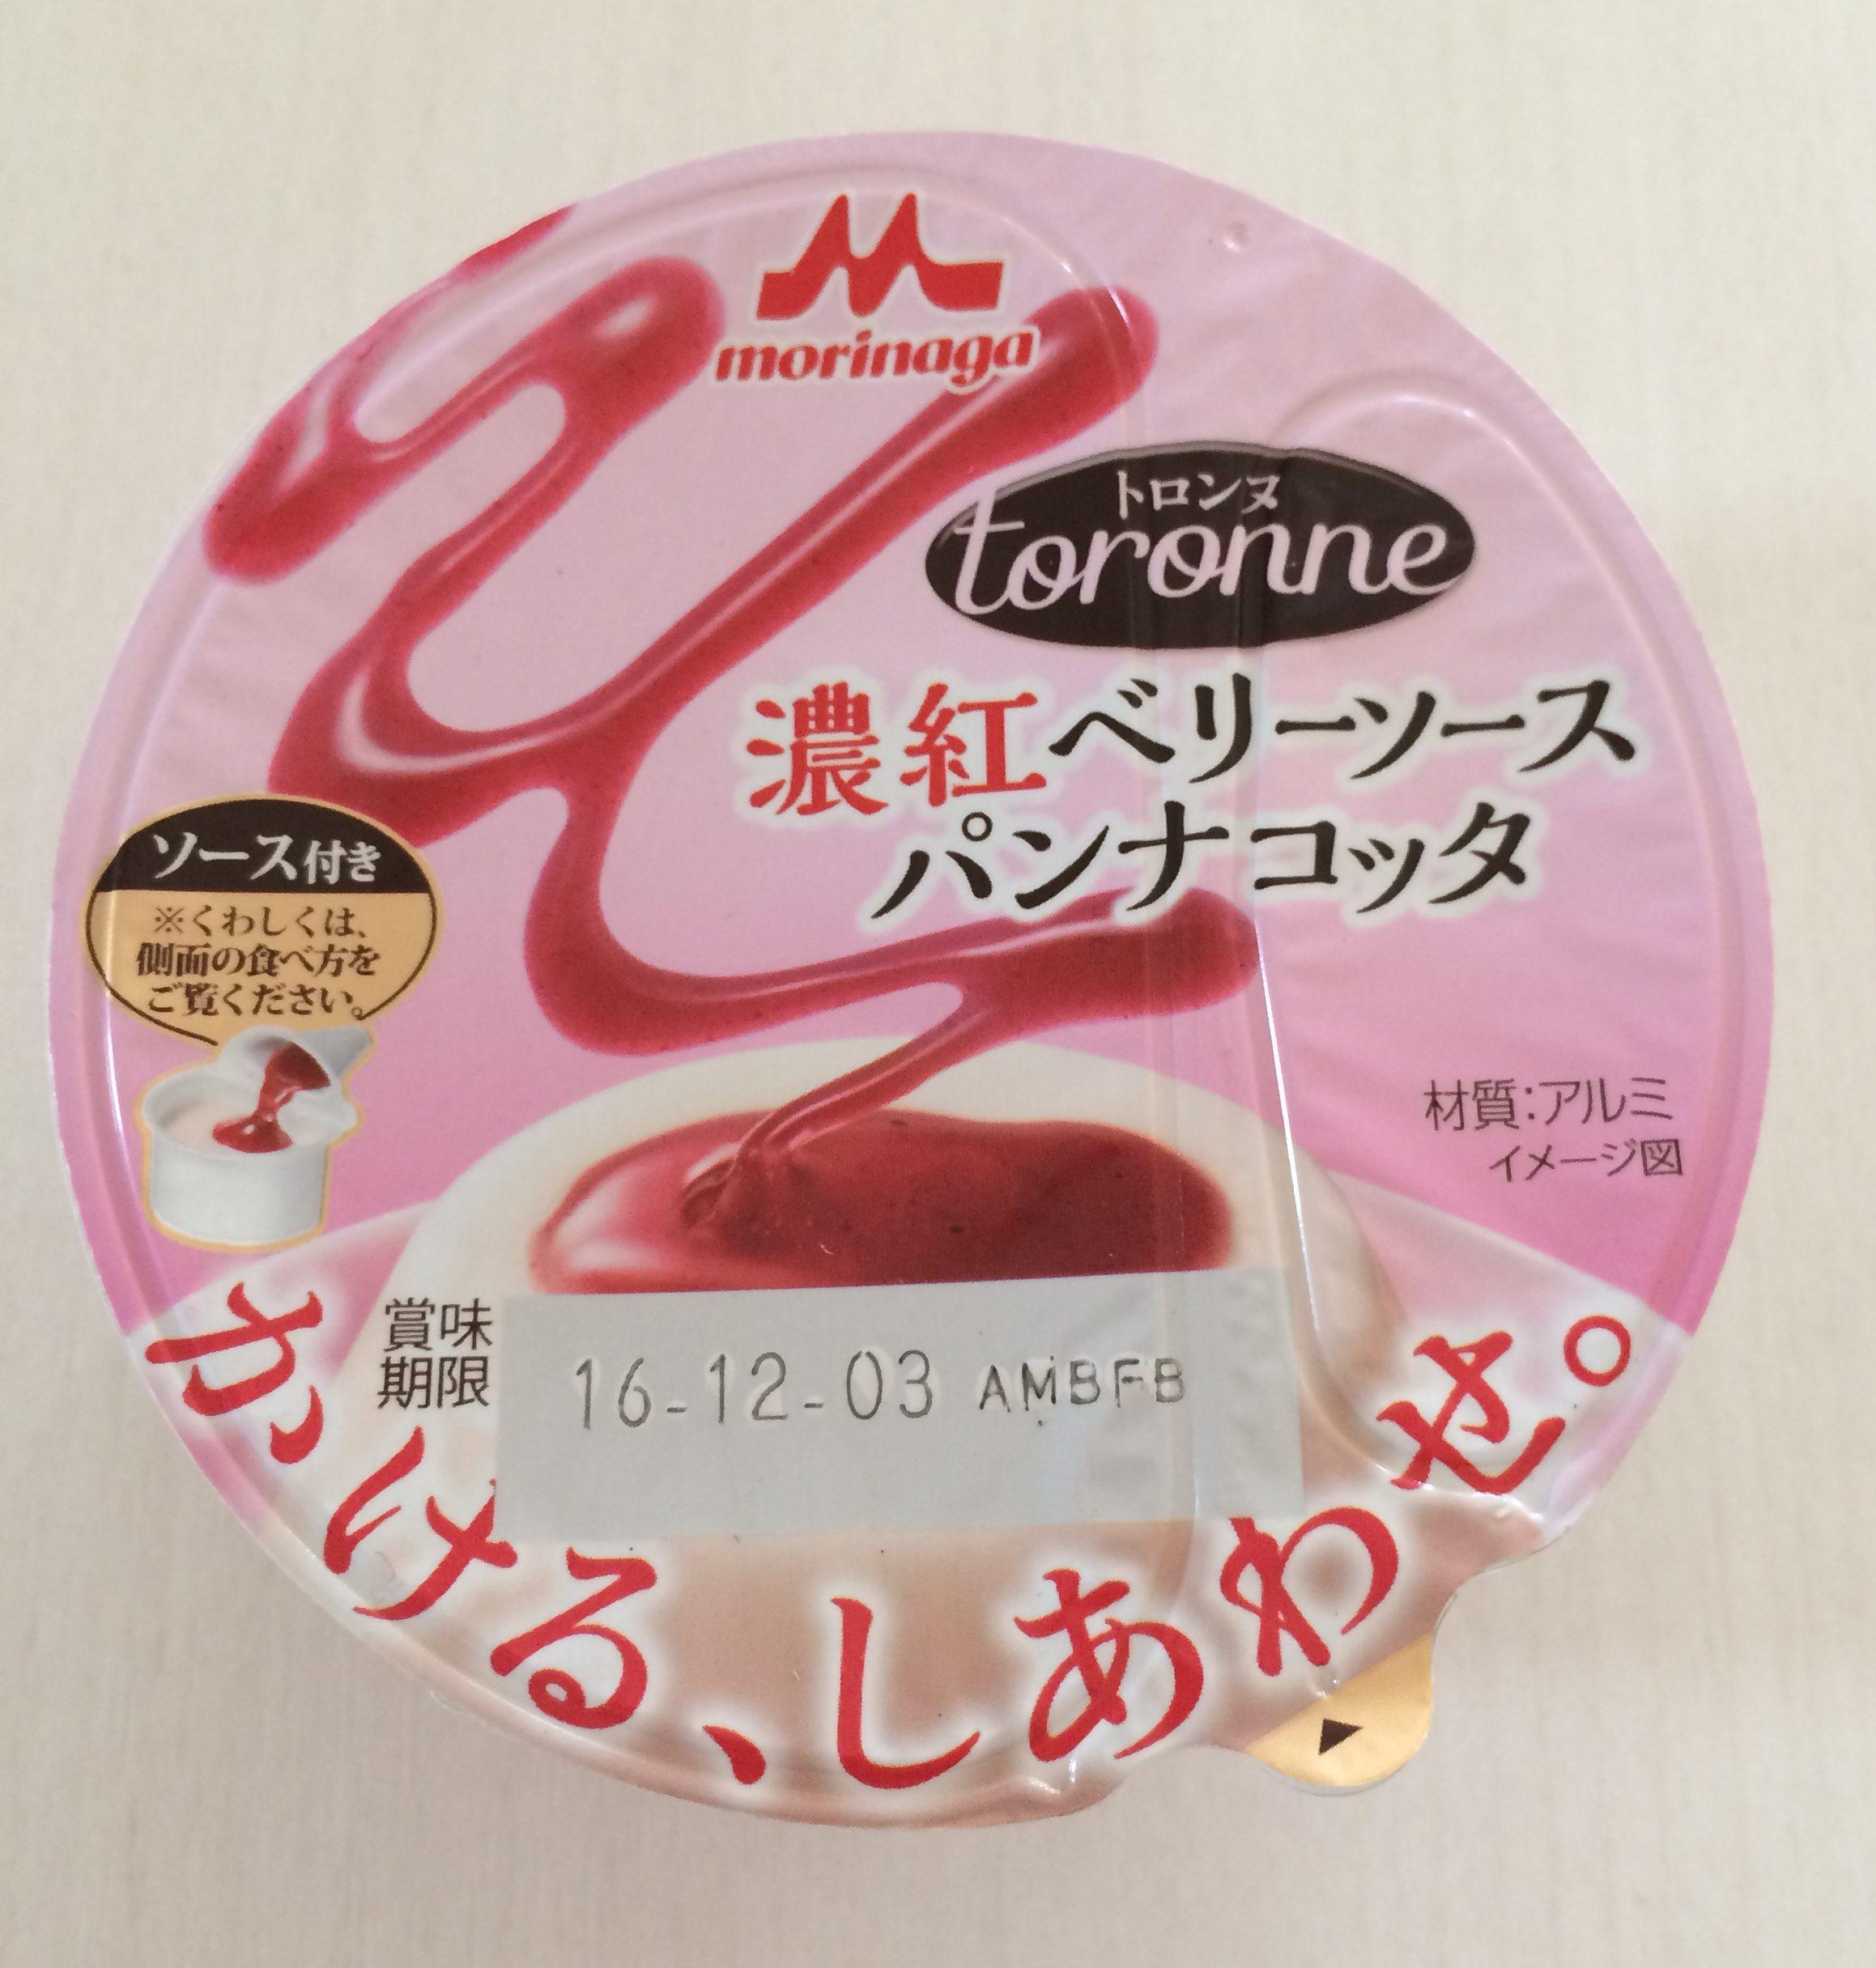 【森永乳業】トロンヌ 濃紅ベリーソースパンナコッタ 食べた感想